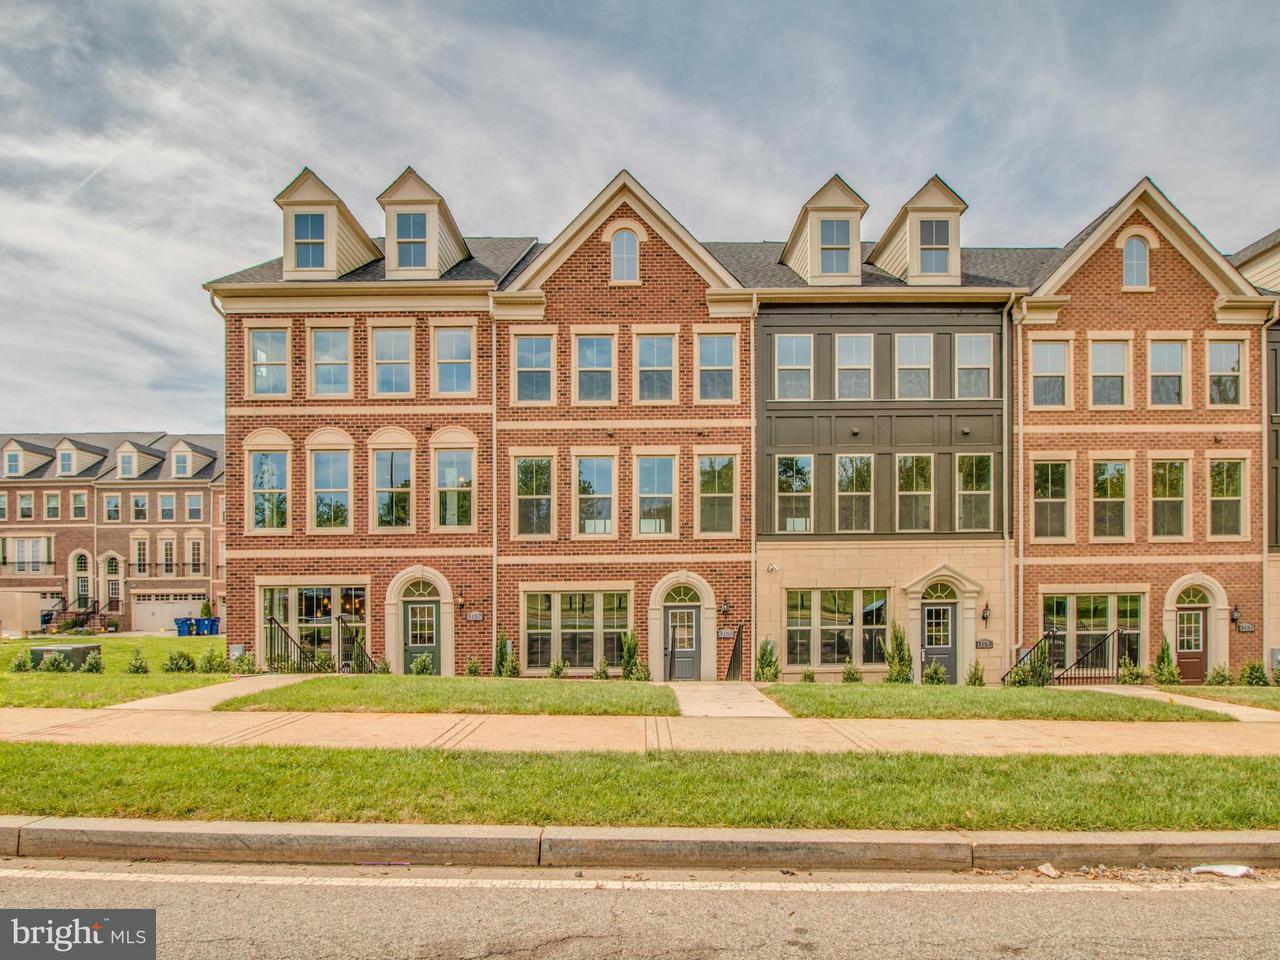 联栋屋 为 销售 在 3635 JAMISON ST NE 3635 JAMISON ST NE 华盛顿市, 哥伦比亚特区 20018 美国